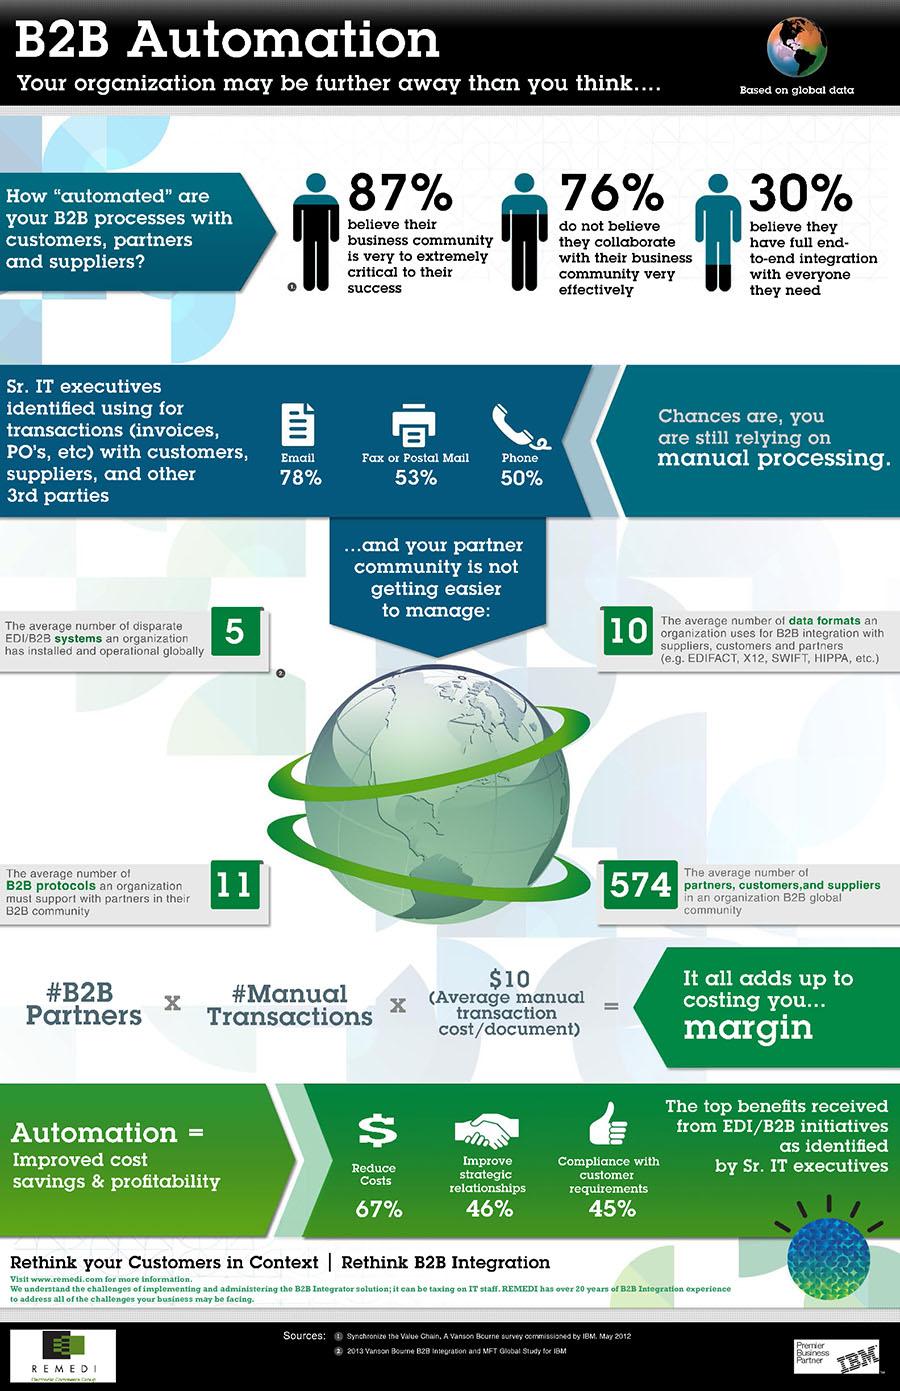 IBM_B2B_Automation1